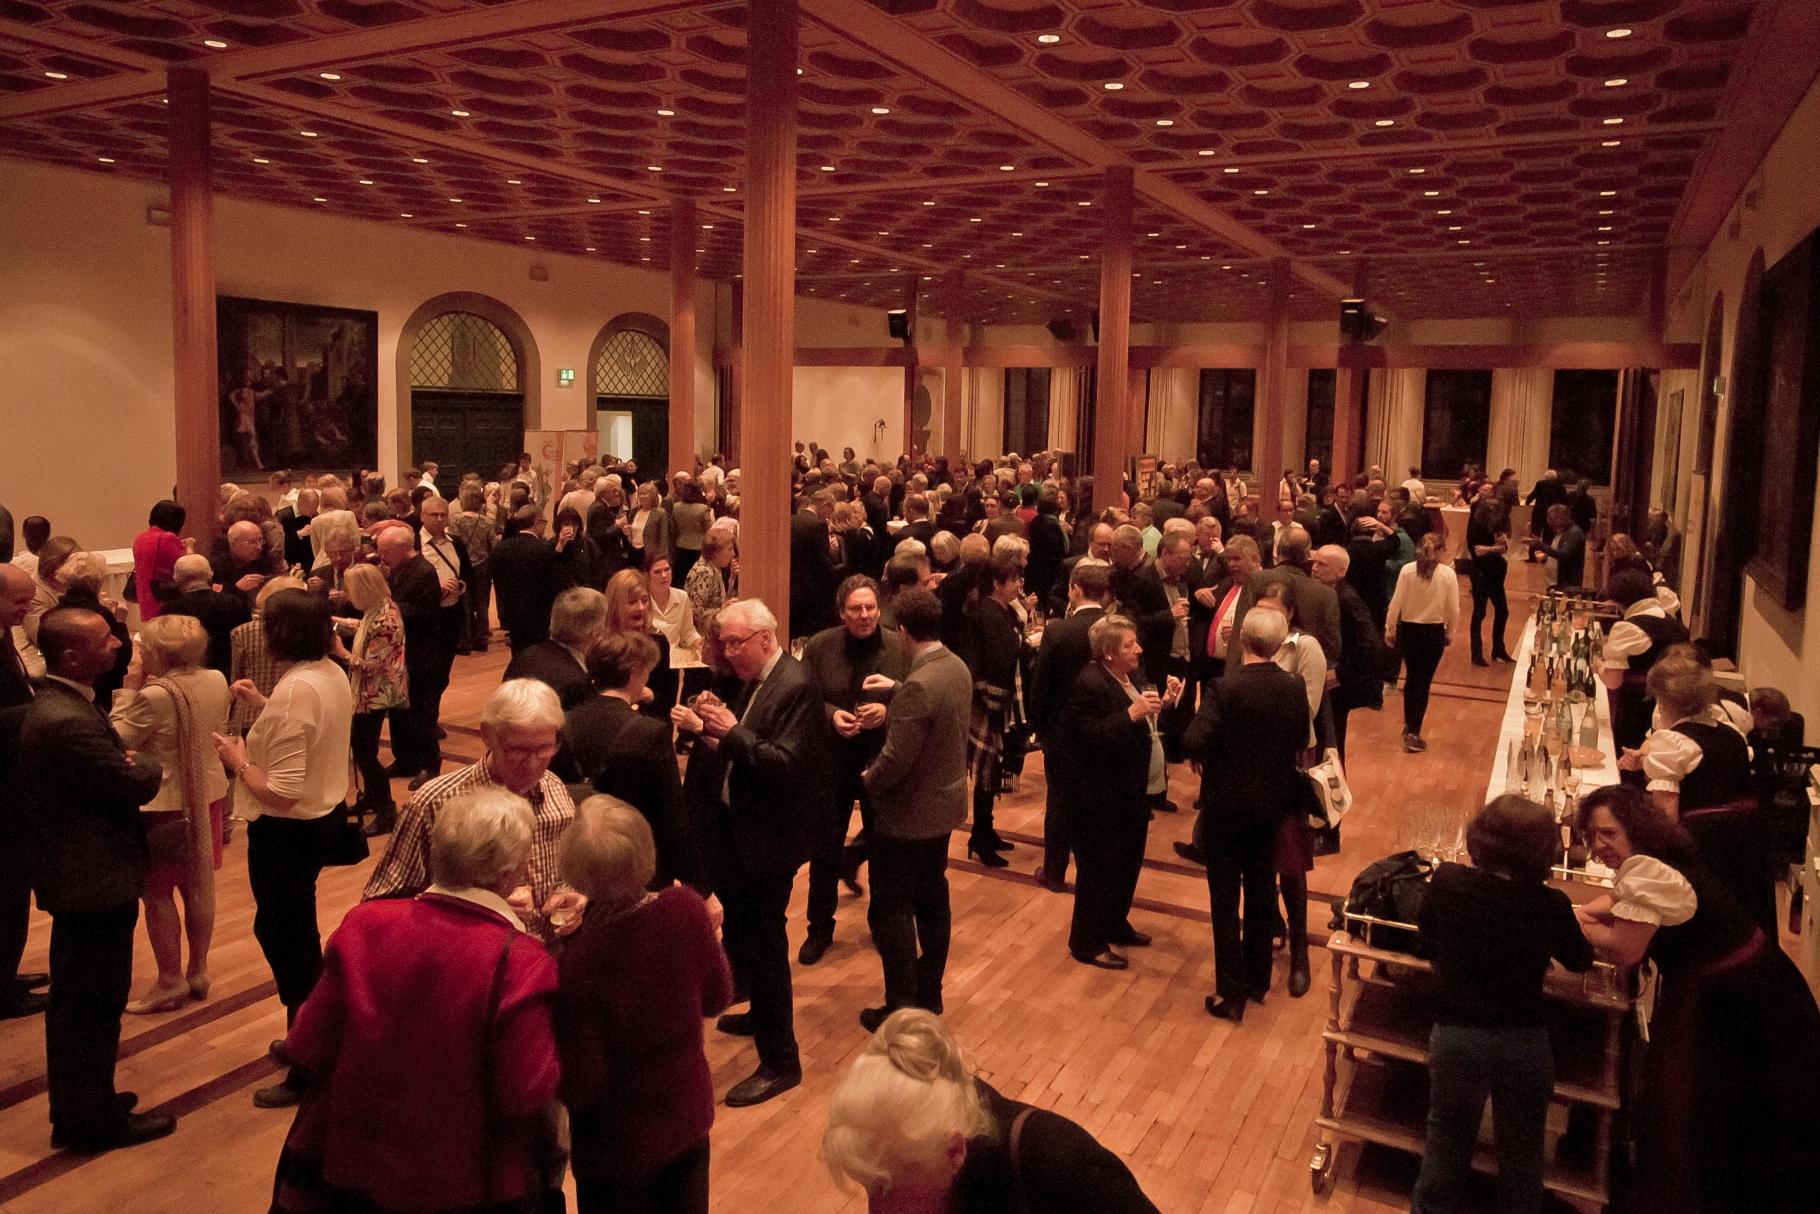 Festakt 20 Jahre Freiwilligen-Zentrum Augsburg - 24.03.2017 im Oberer Fletz Rathaus Augsburg - Foto: Robert Hösle